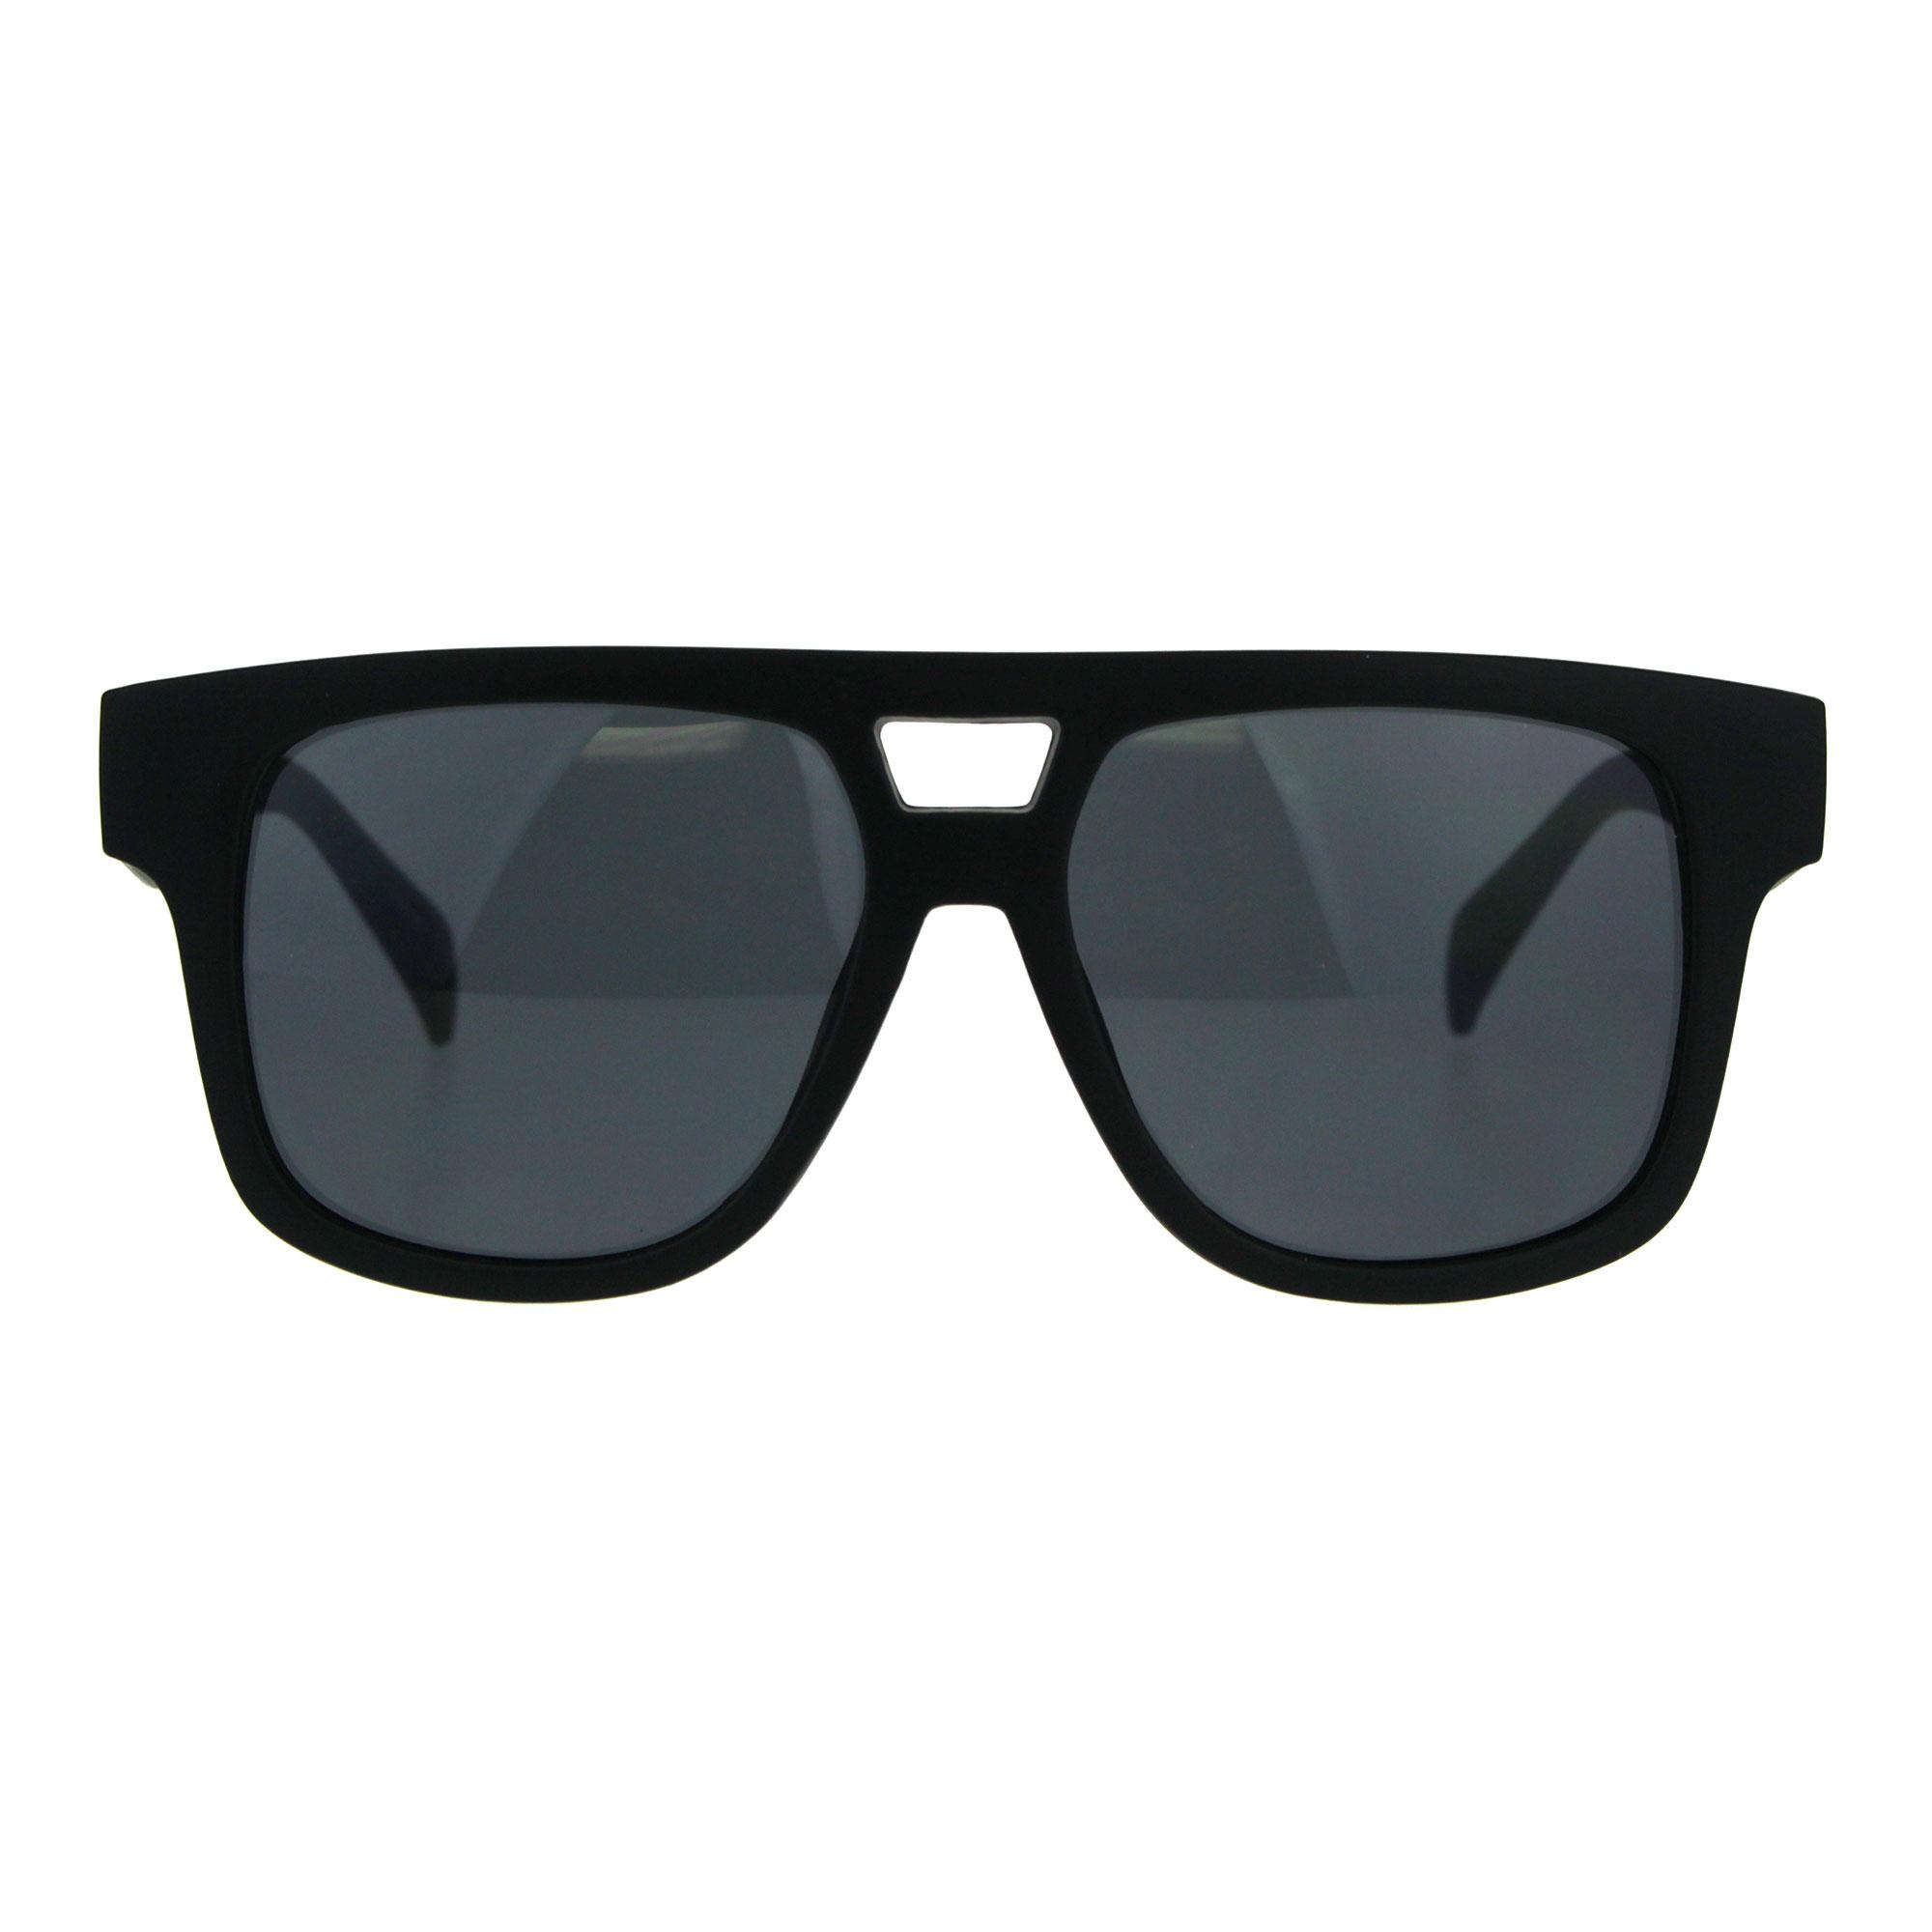 Mens Flat Top Horn Rim Mob Thick Plastic Sunglasses